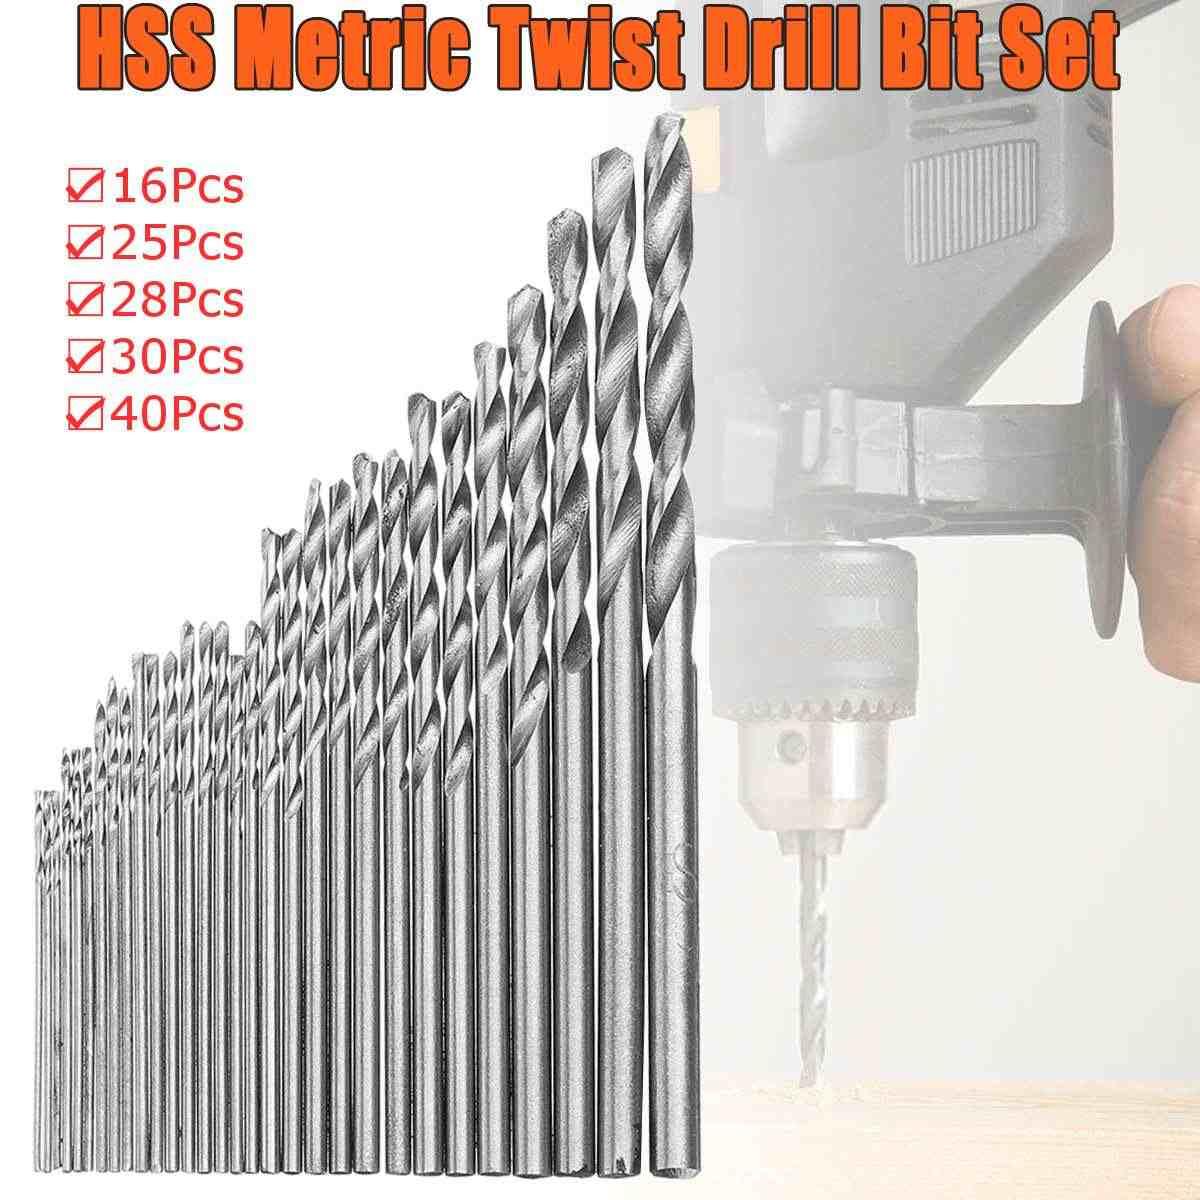 10Pcs//Set HSS Titanium Twist Drill Bit Hex Shank 0.3mm-3mm Steel Speed High